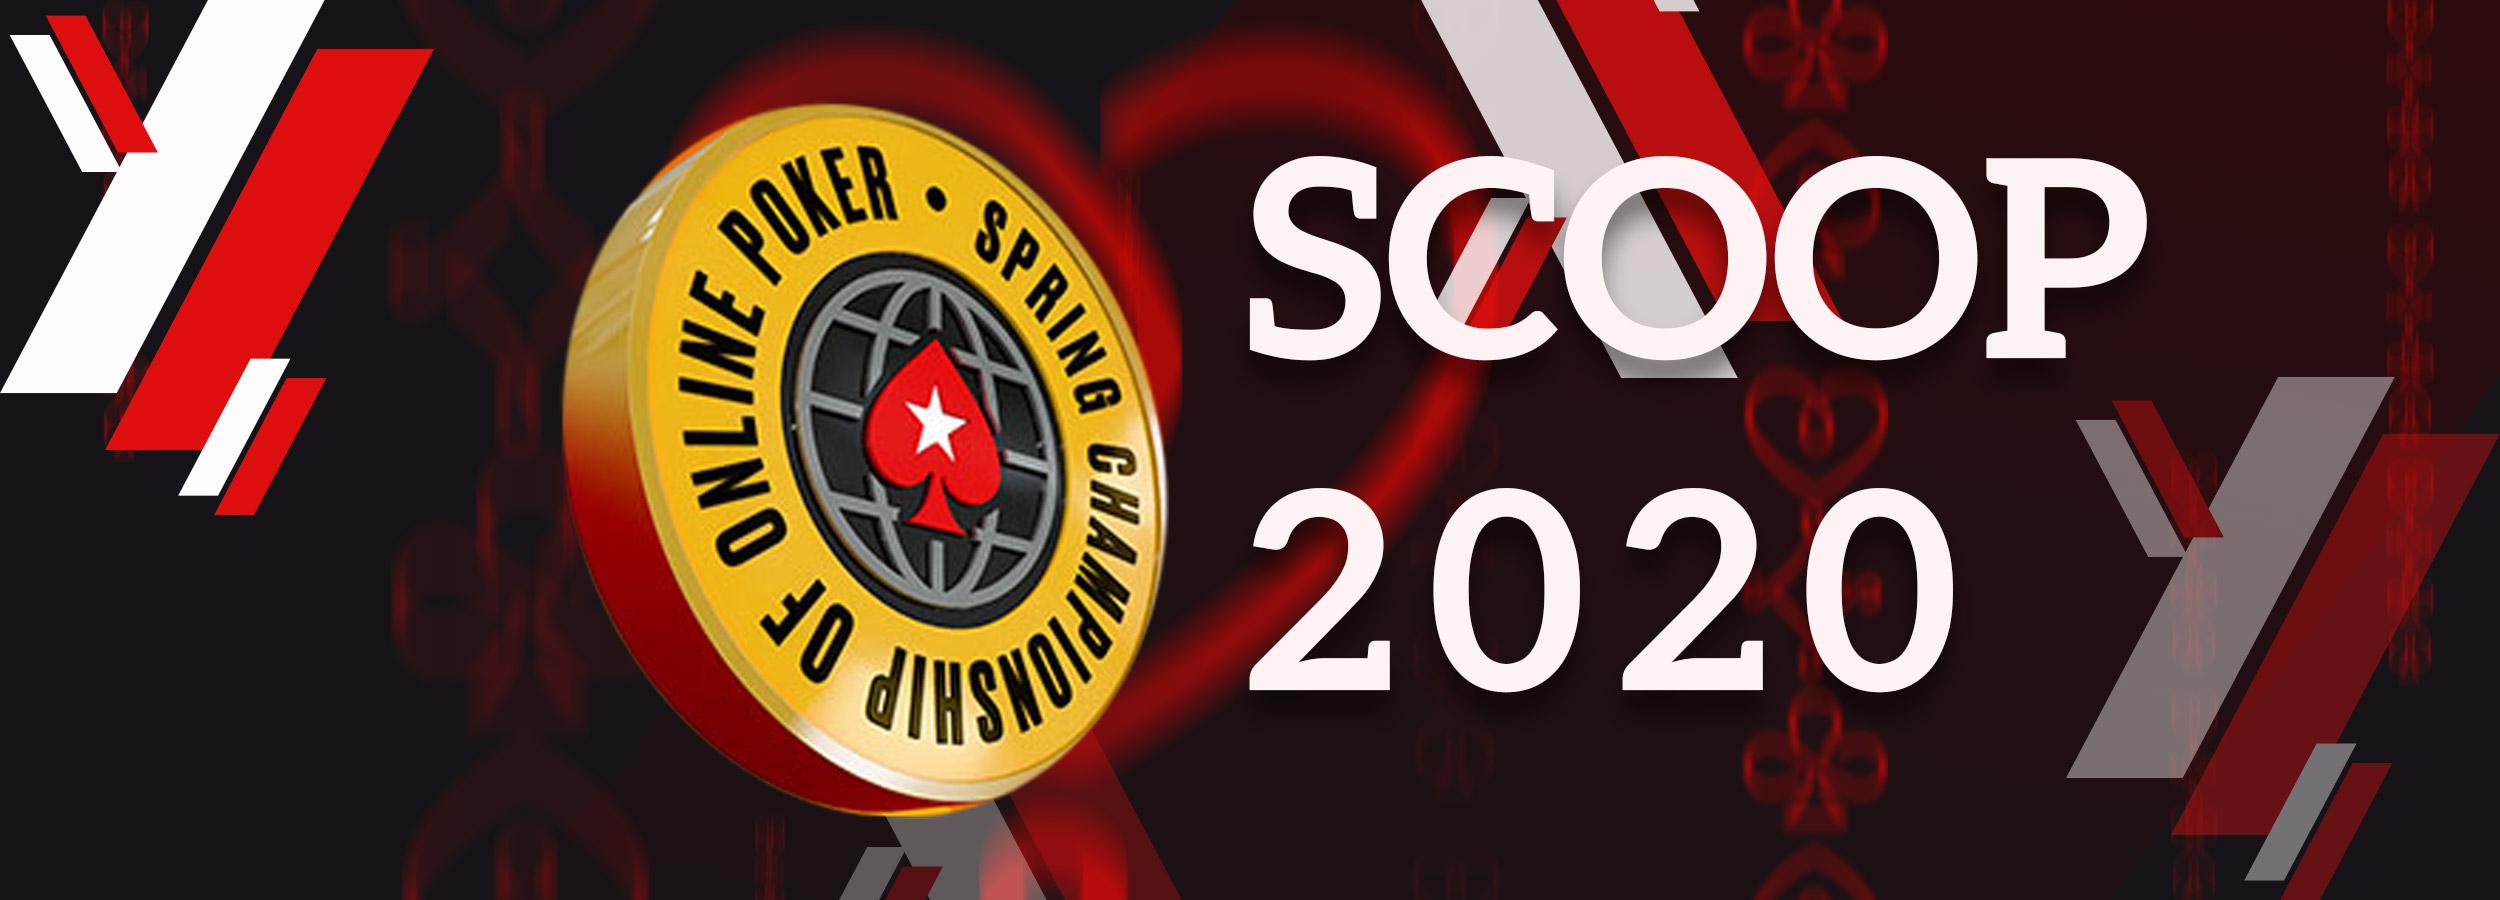 Турнир SCOOP 2020.